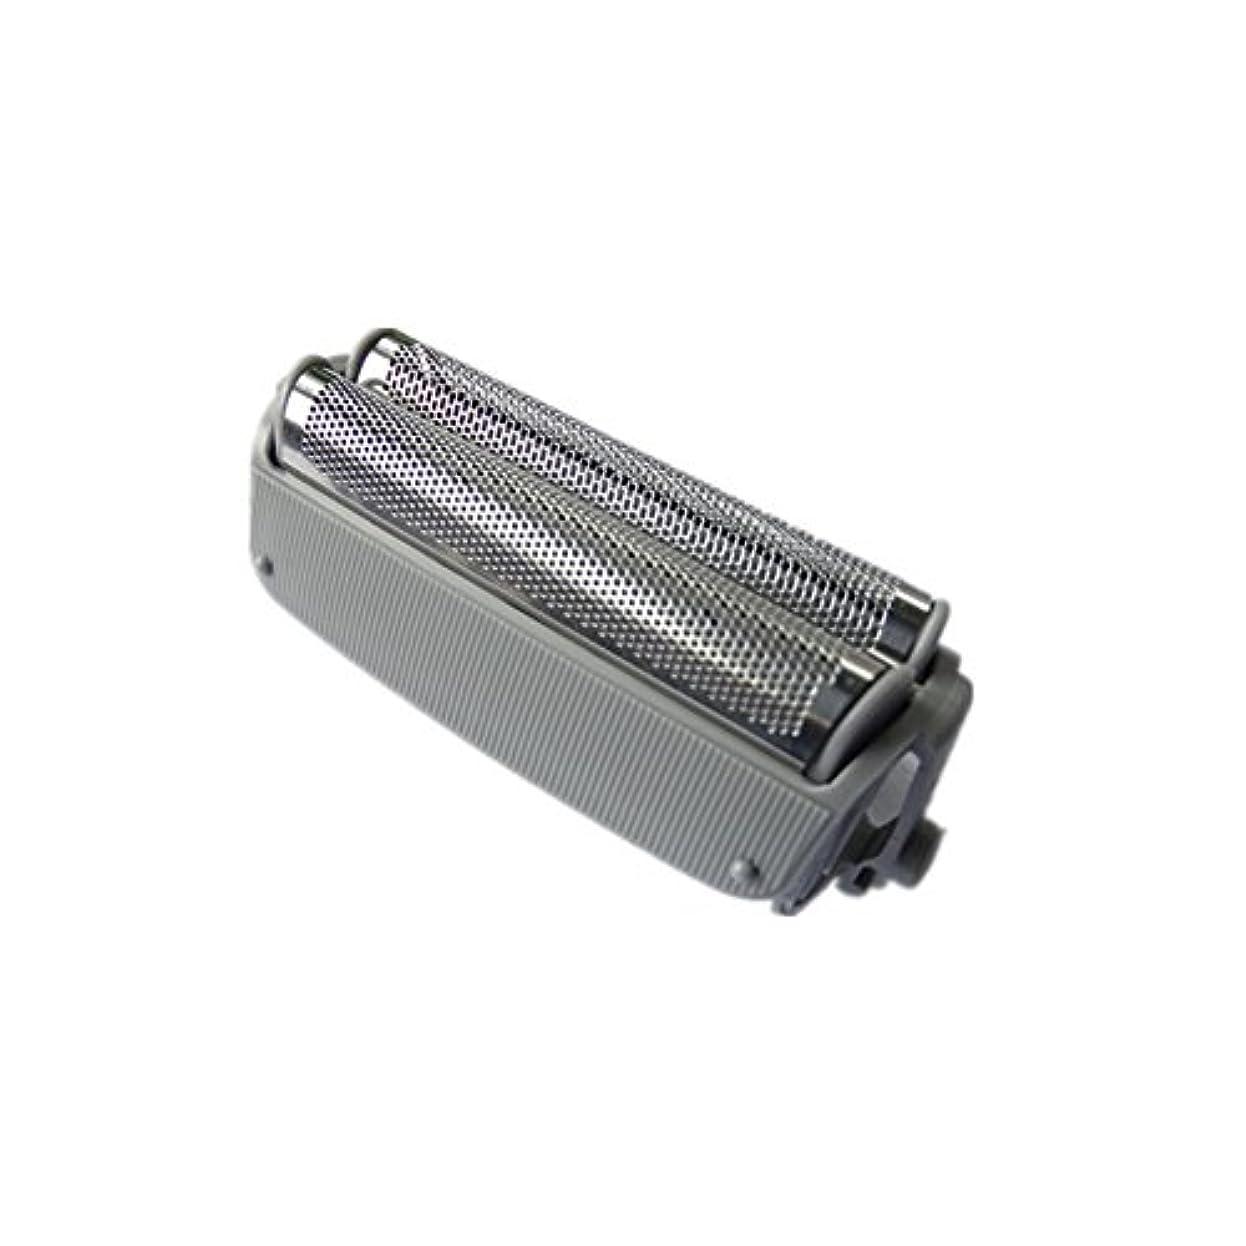 フットボールゼロソファーHZjundasi Replacement Shaver Outer ホイル for Panasonic?ES4033/4035/4036/4027/RW30